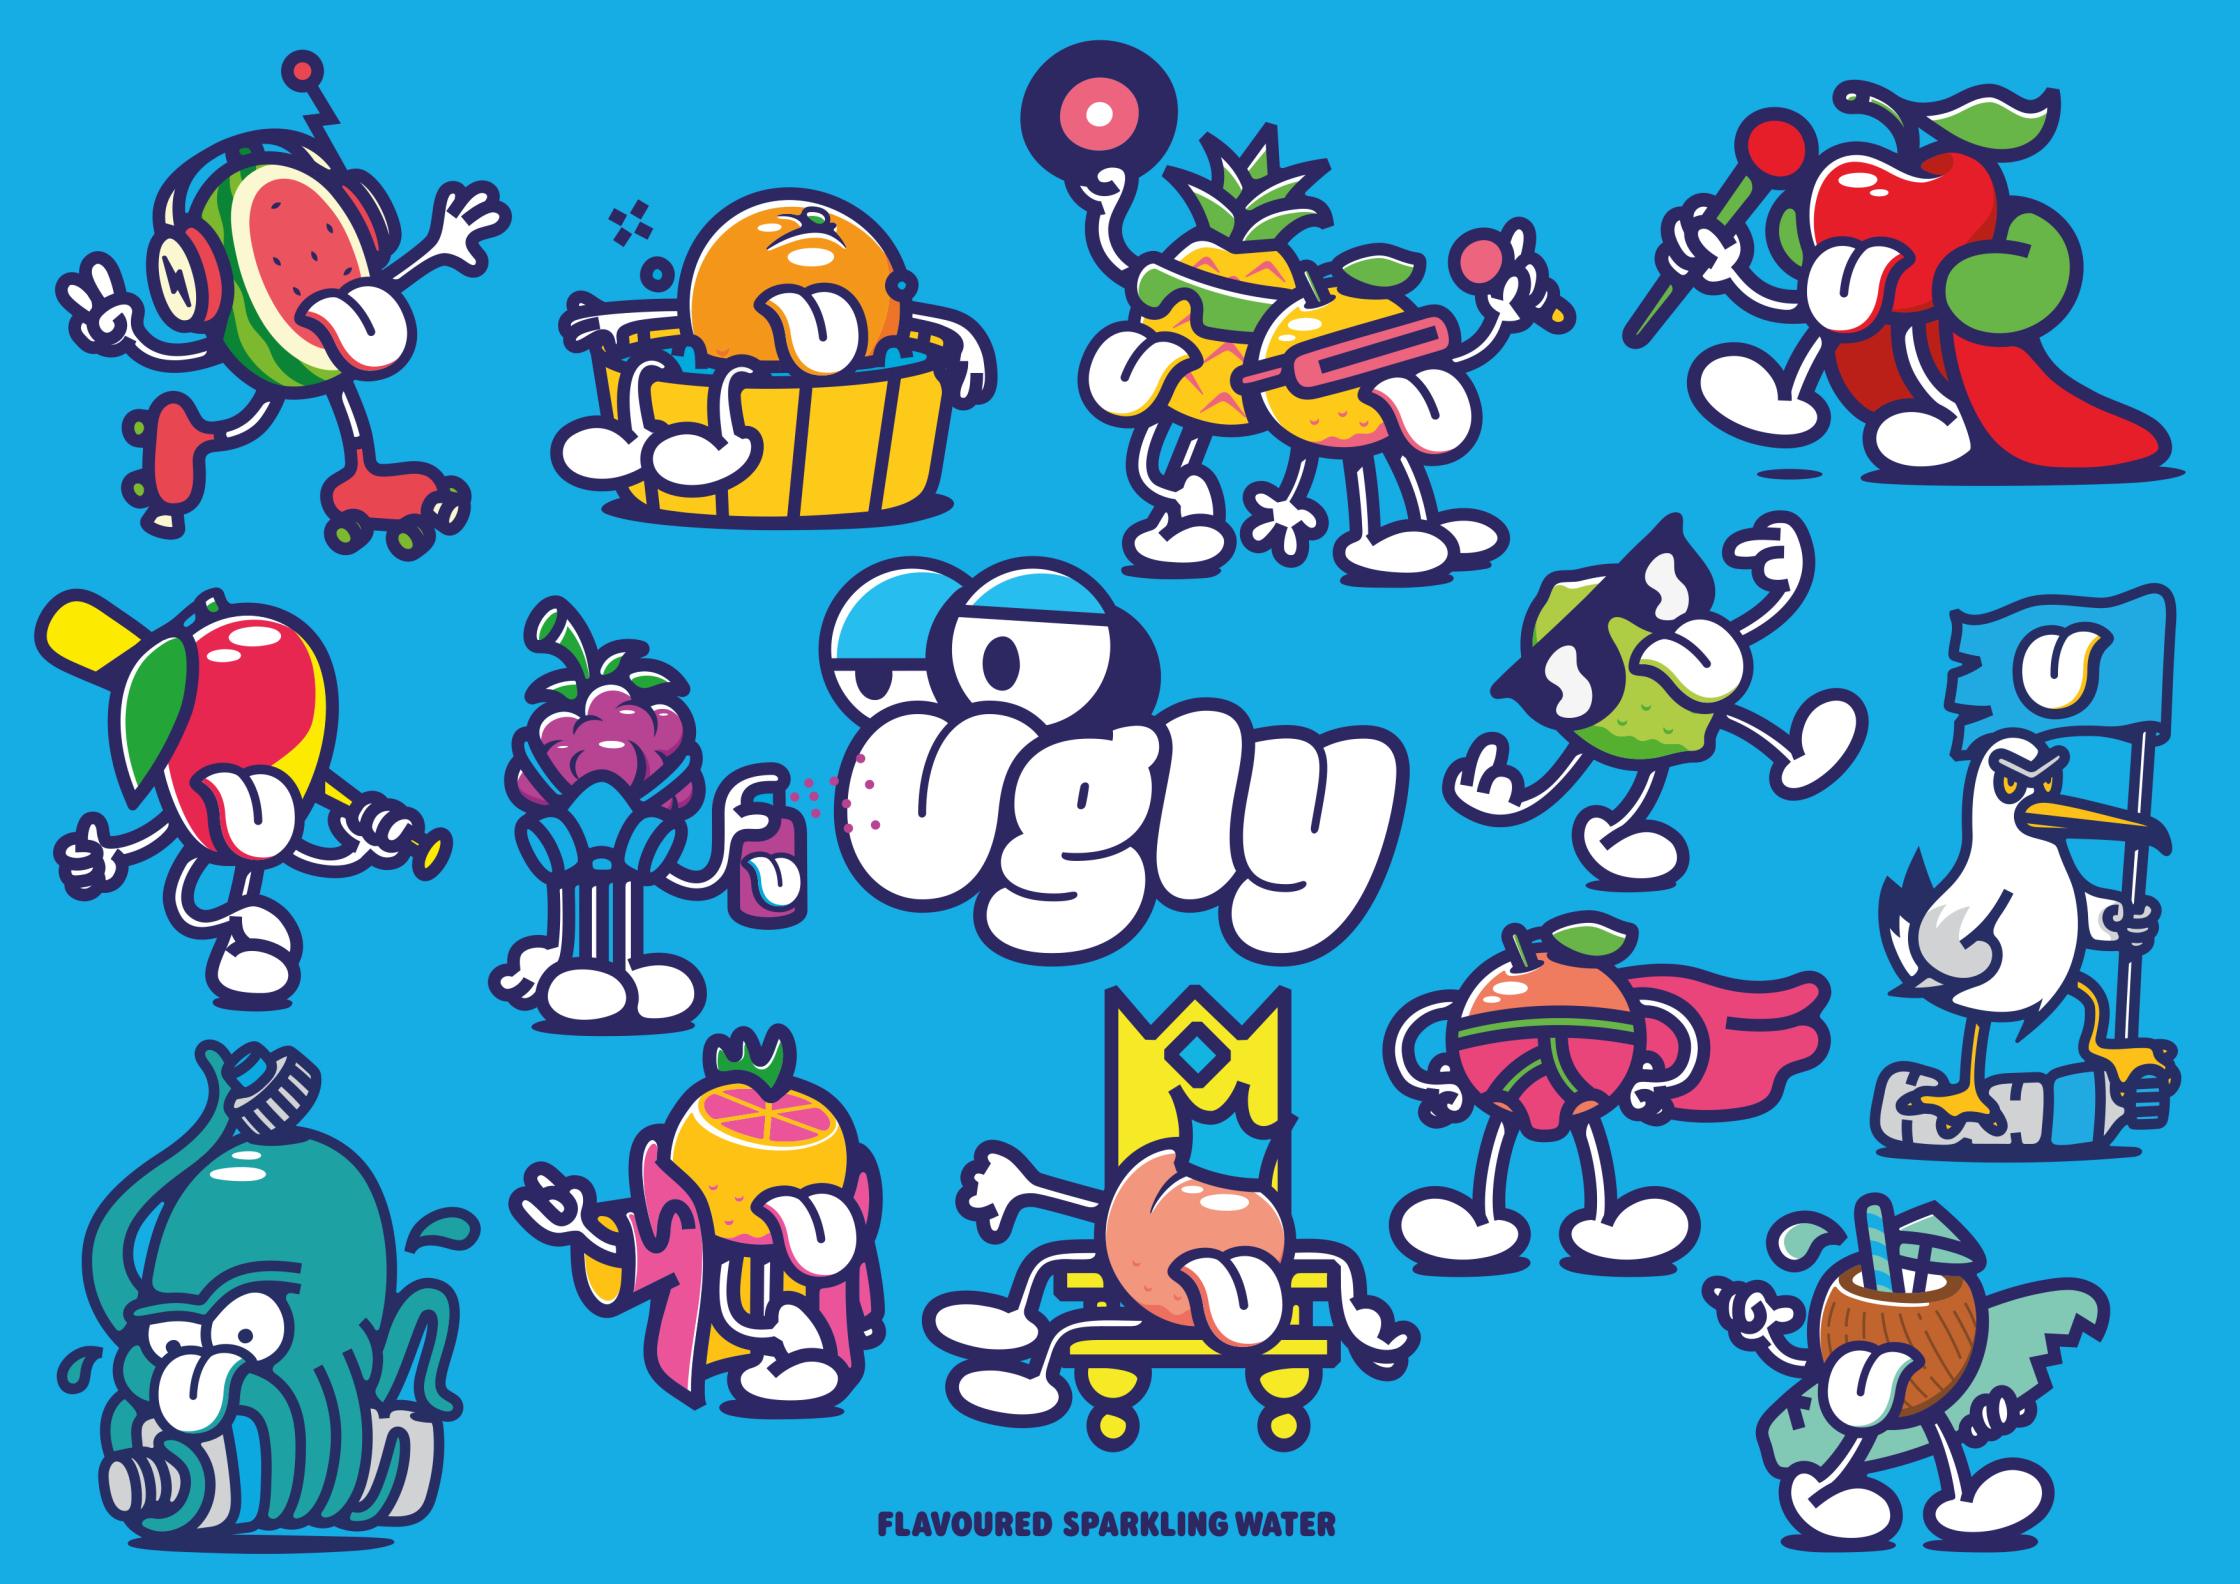 Ugly_HYT_Image6.jpg